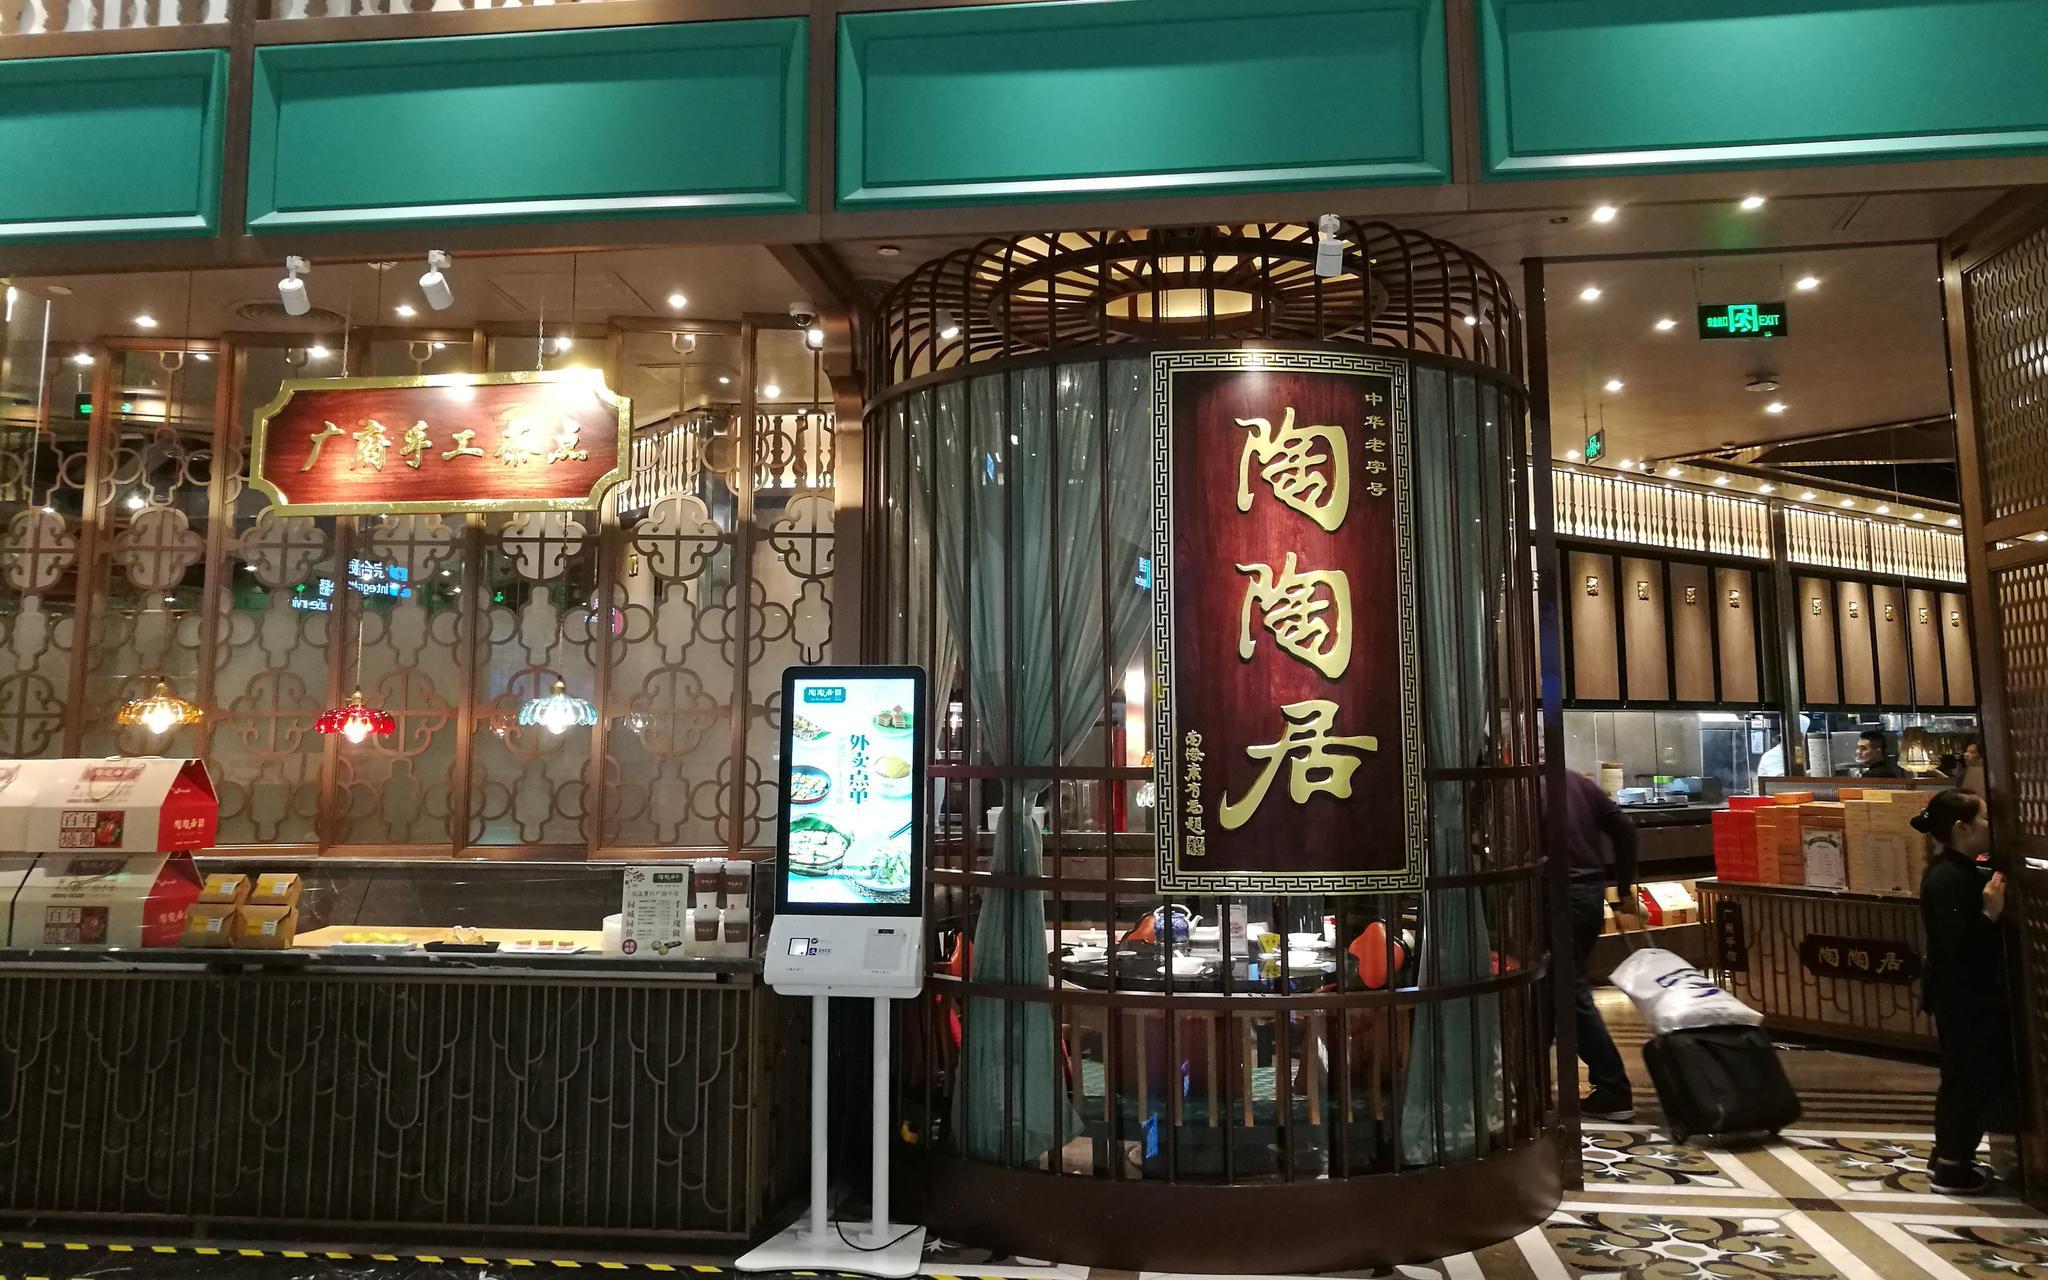 陶陶居获食尚国味增资,餐饮实控